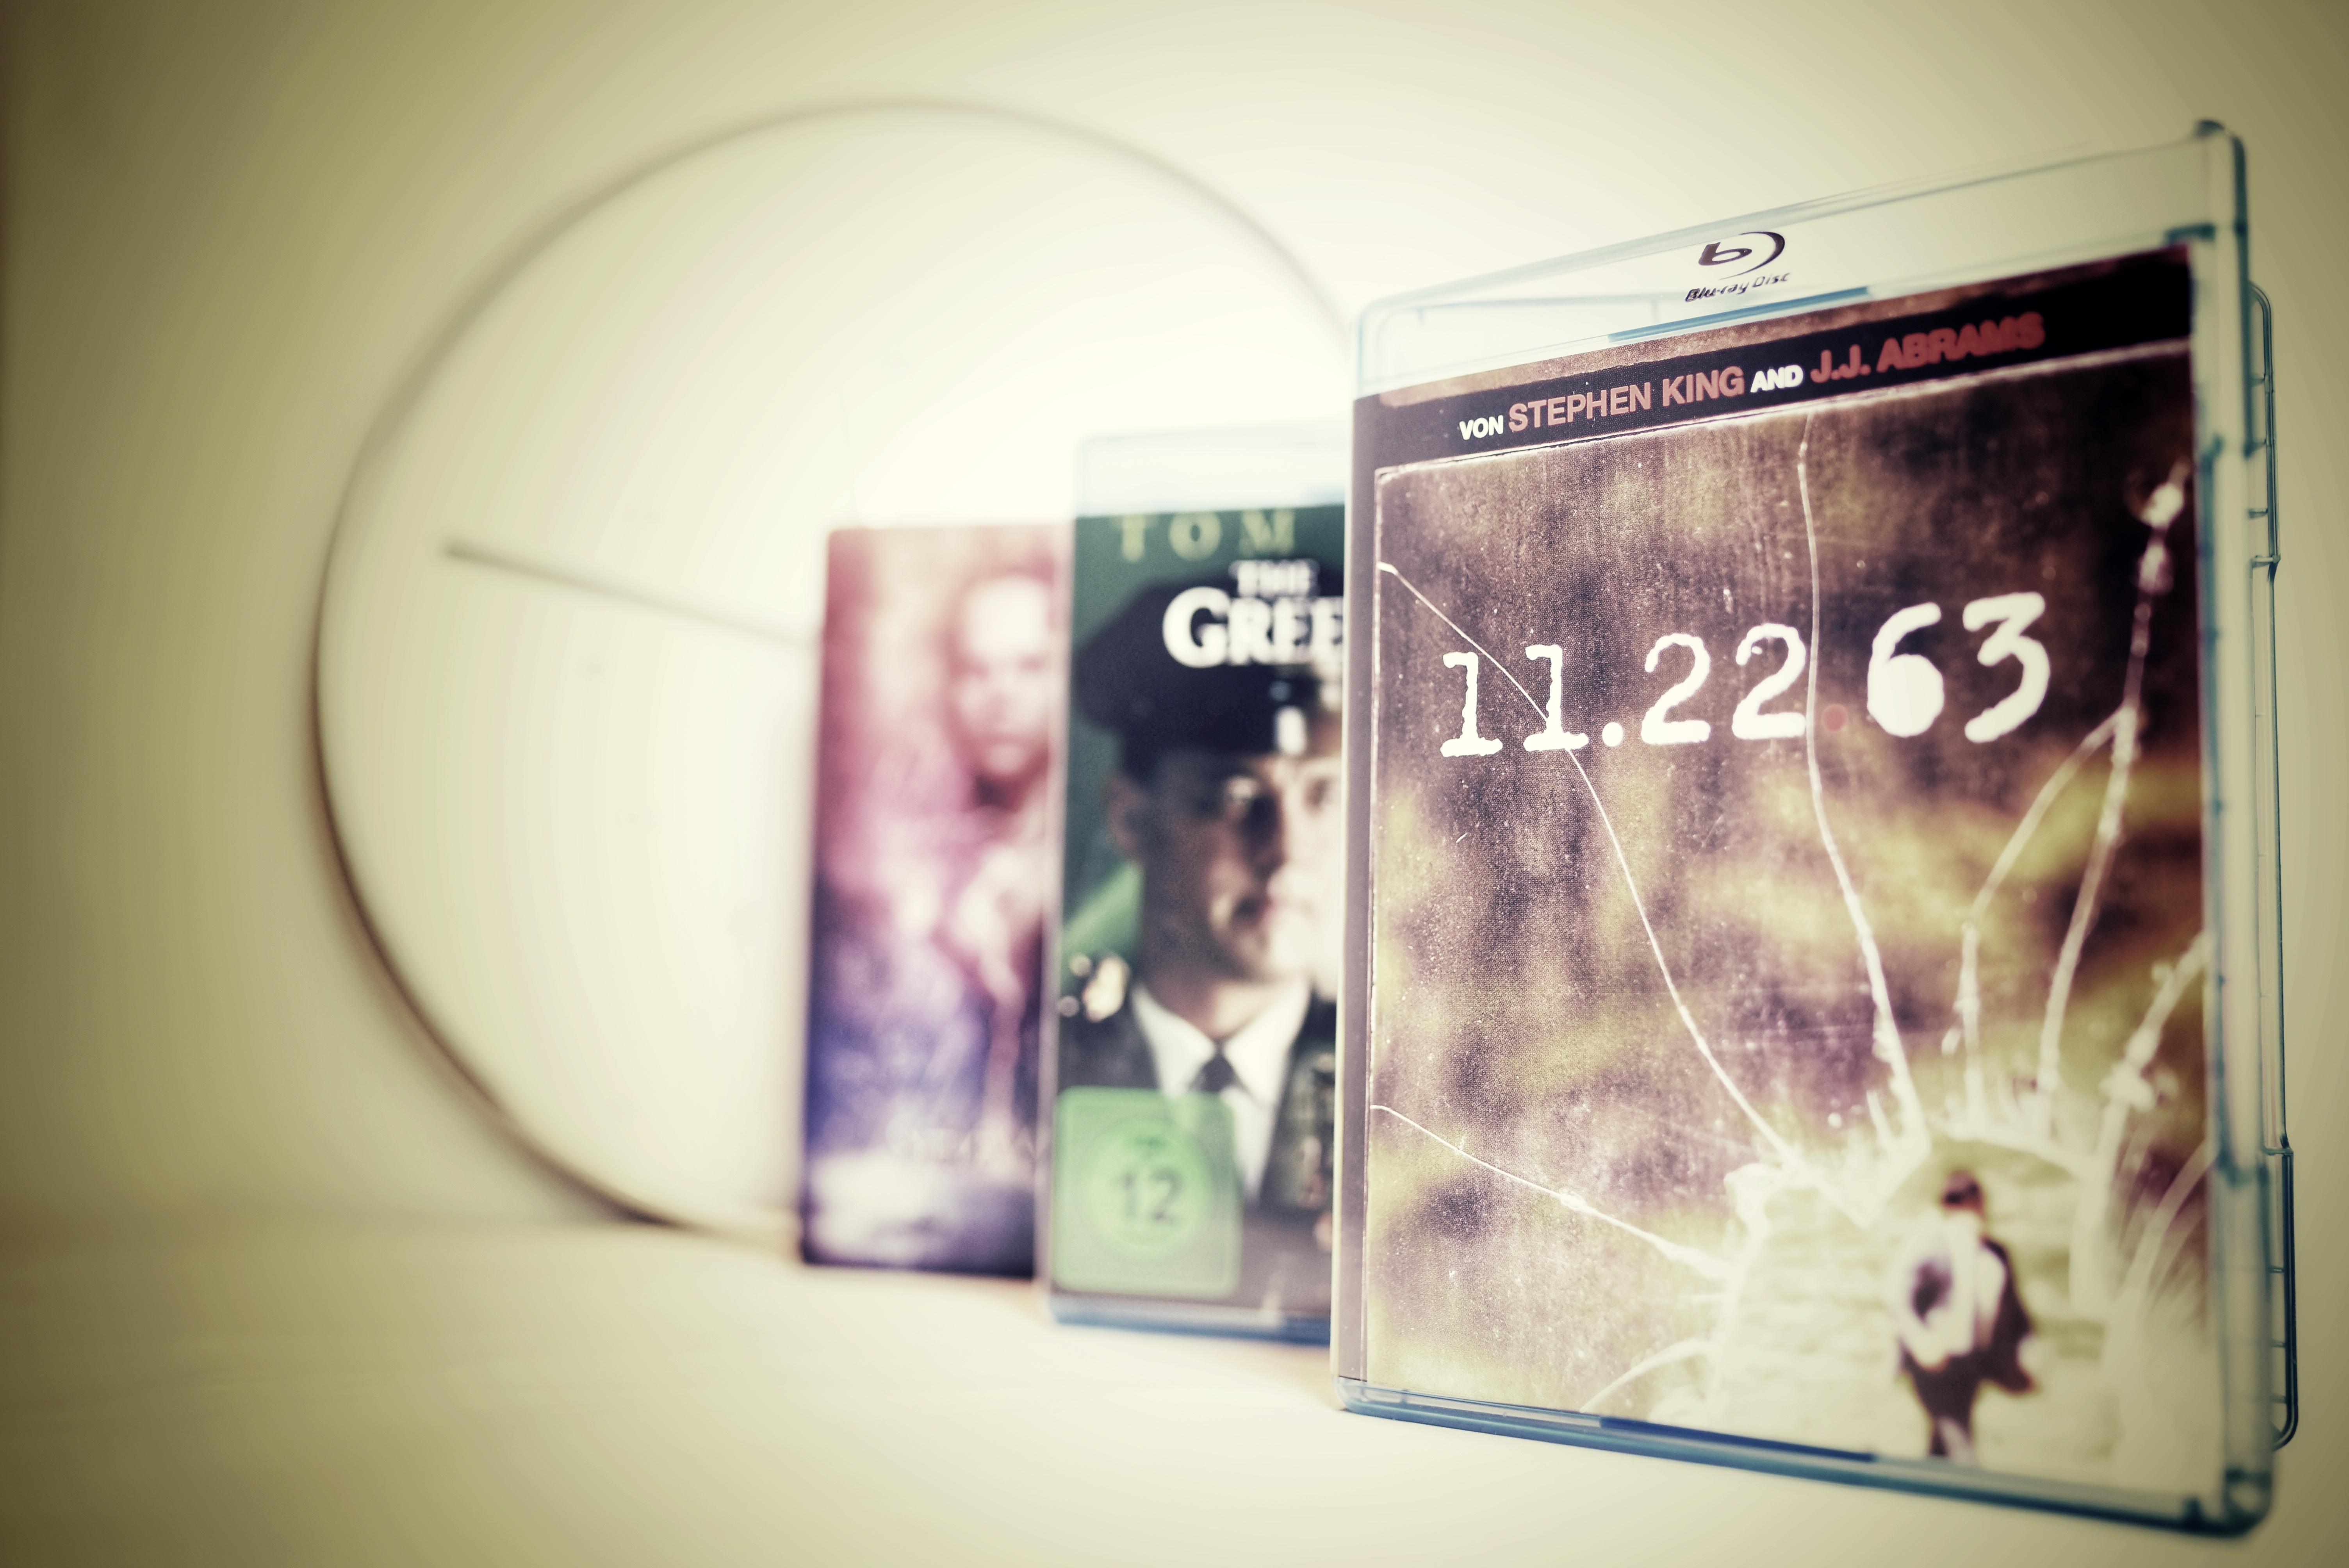 11.22.63, The Green Mile und The Shawshank Redemption